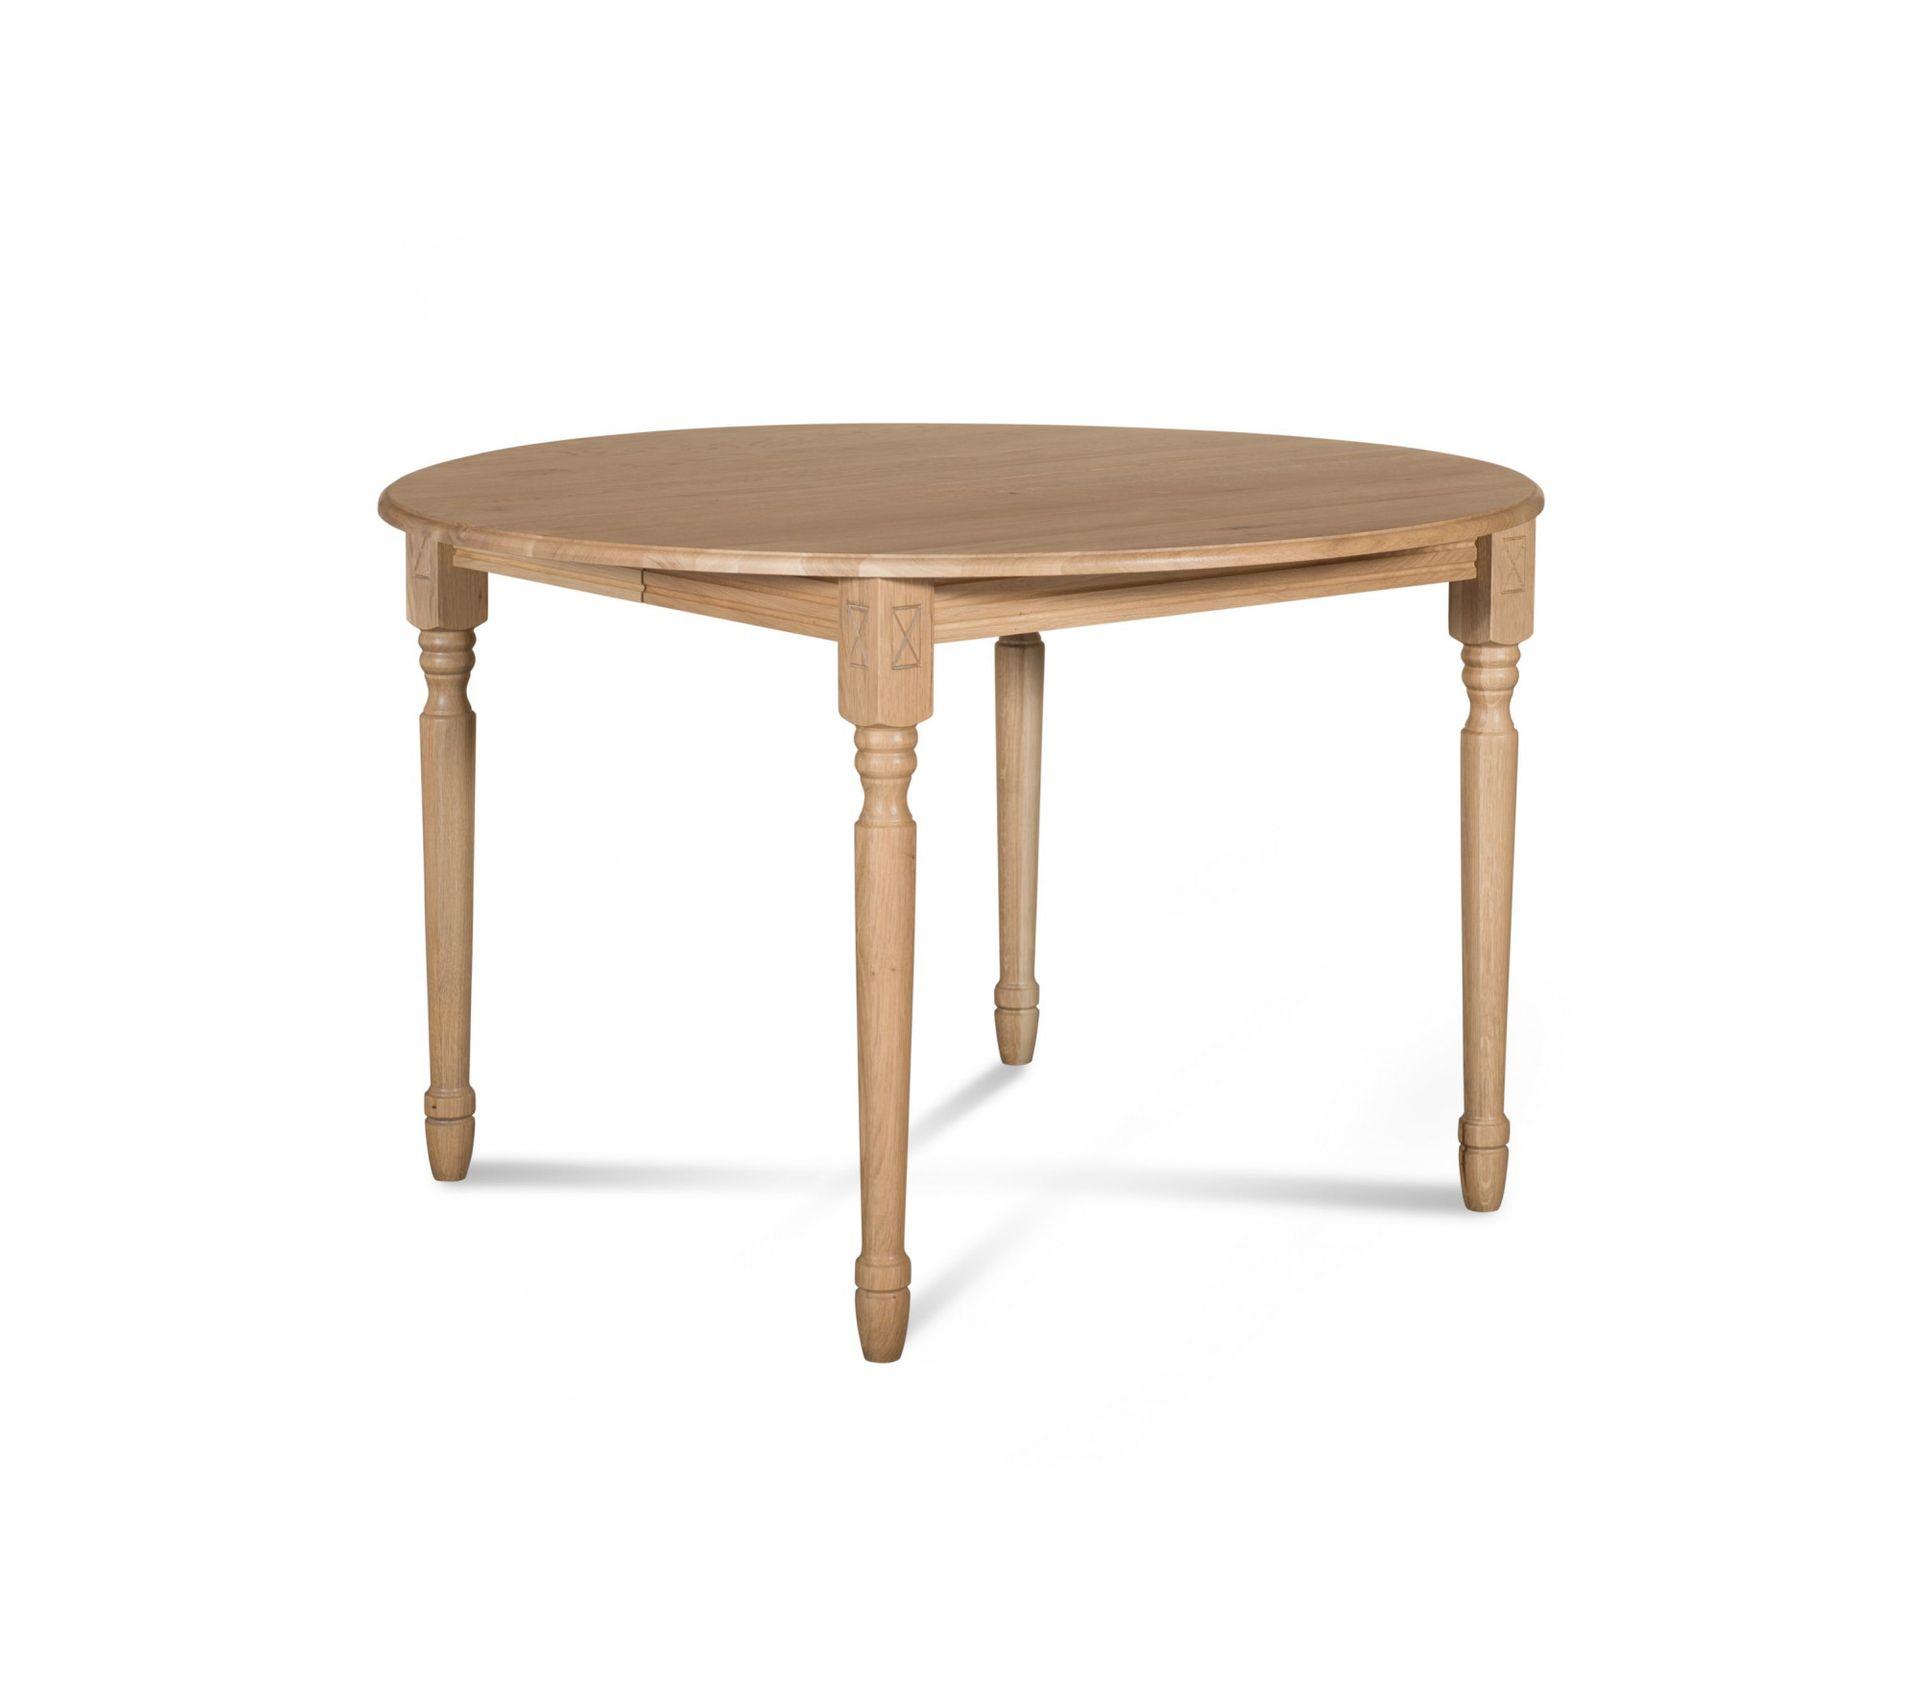 Table Extensible Ronde Bois A Rallonges 115 Cm Pieds Tournes